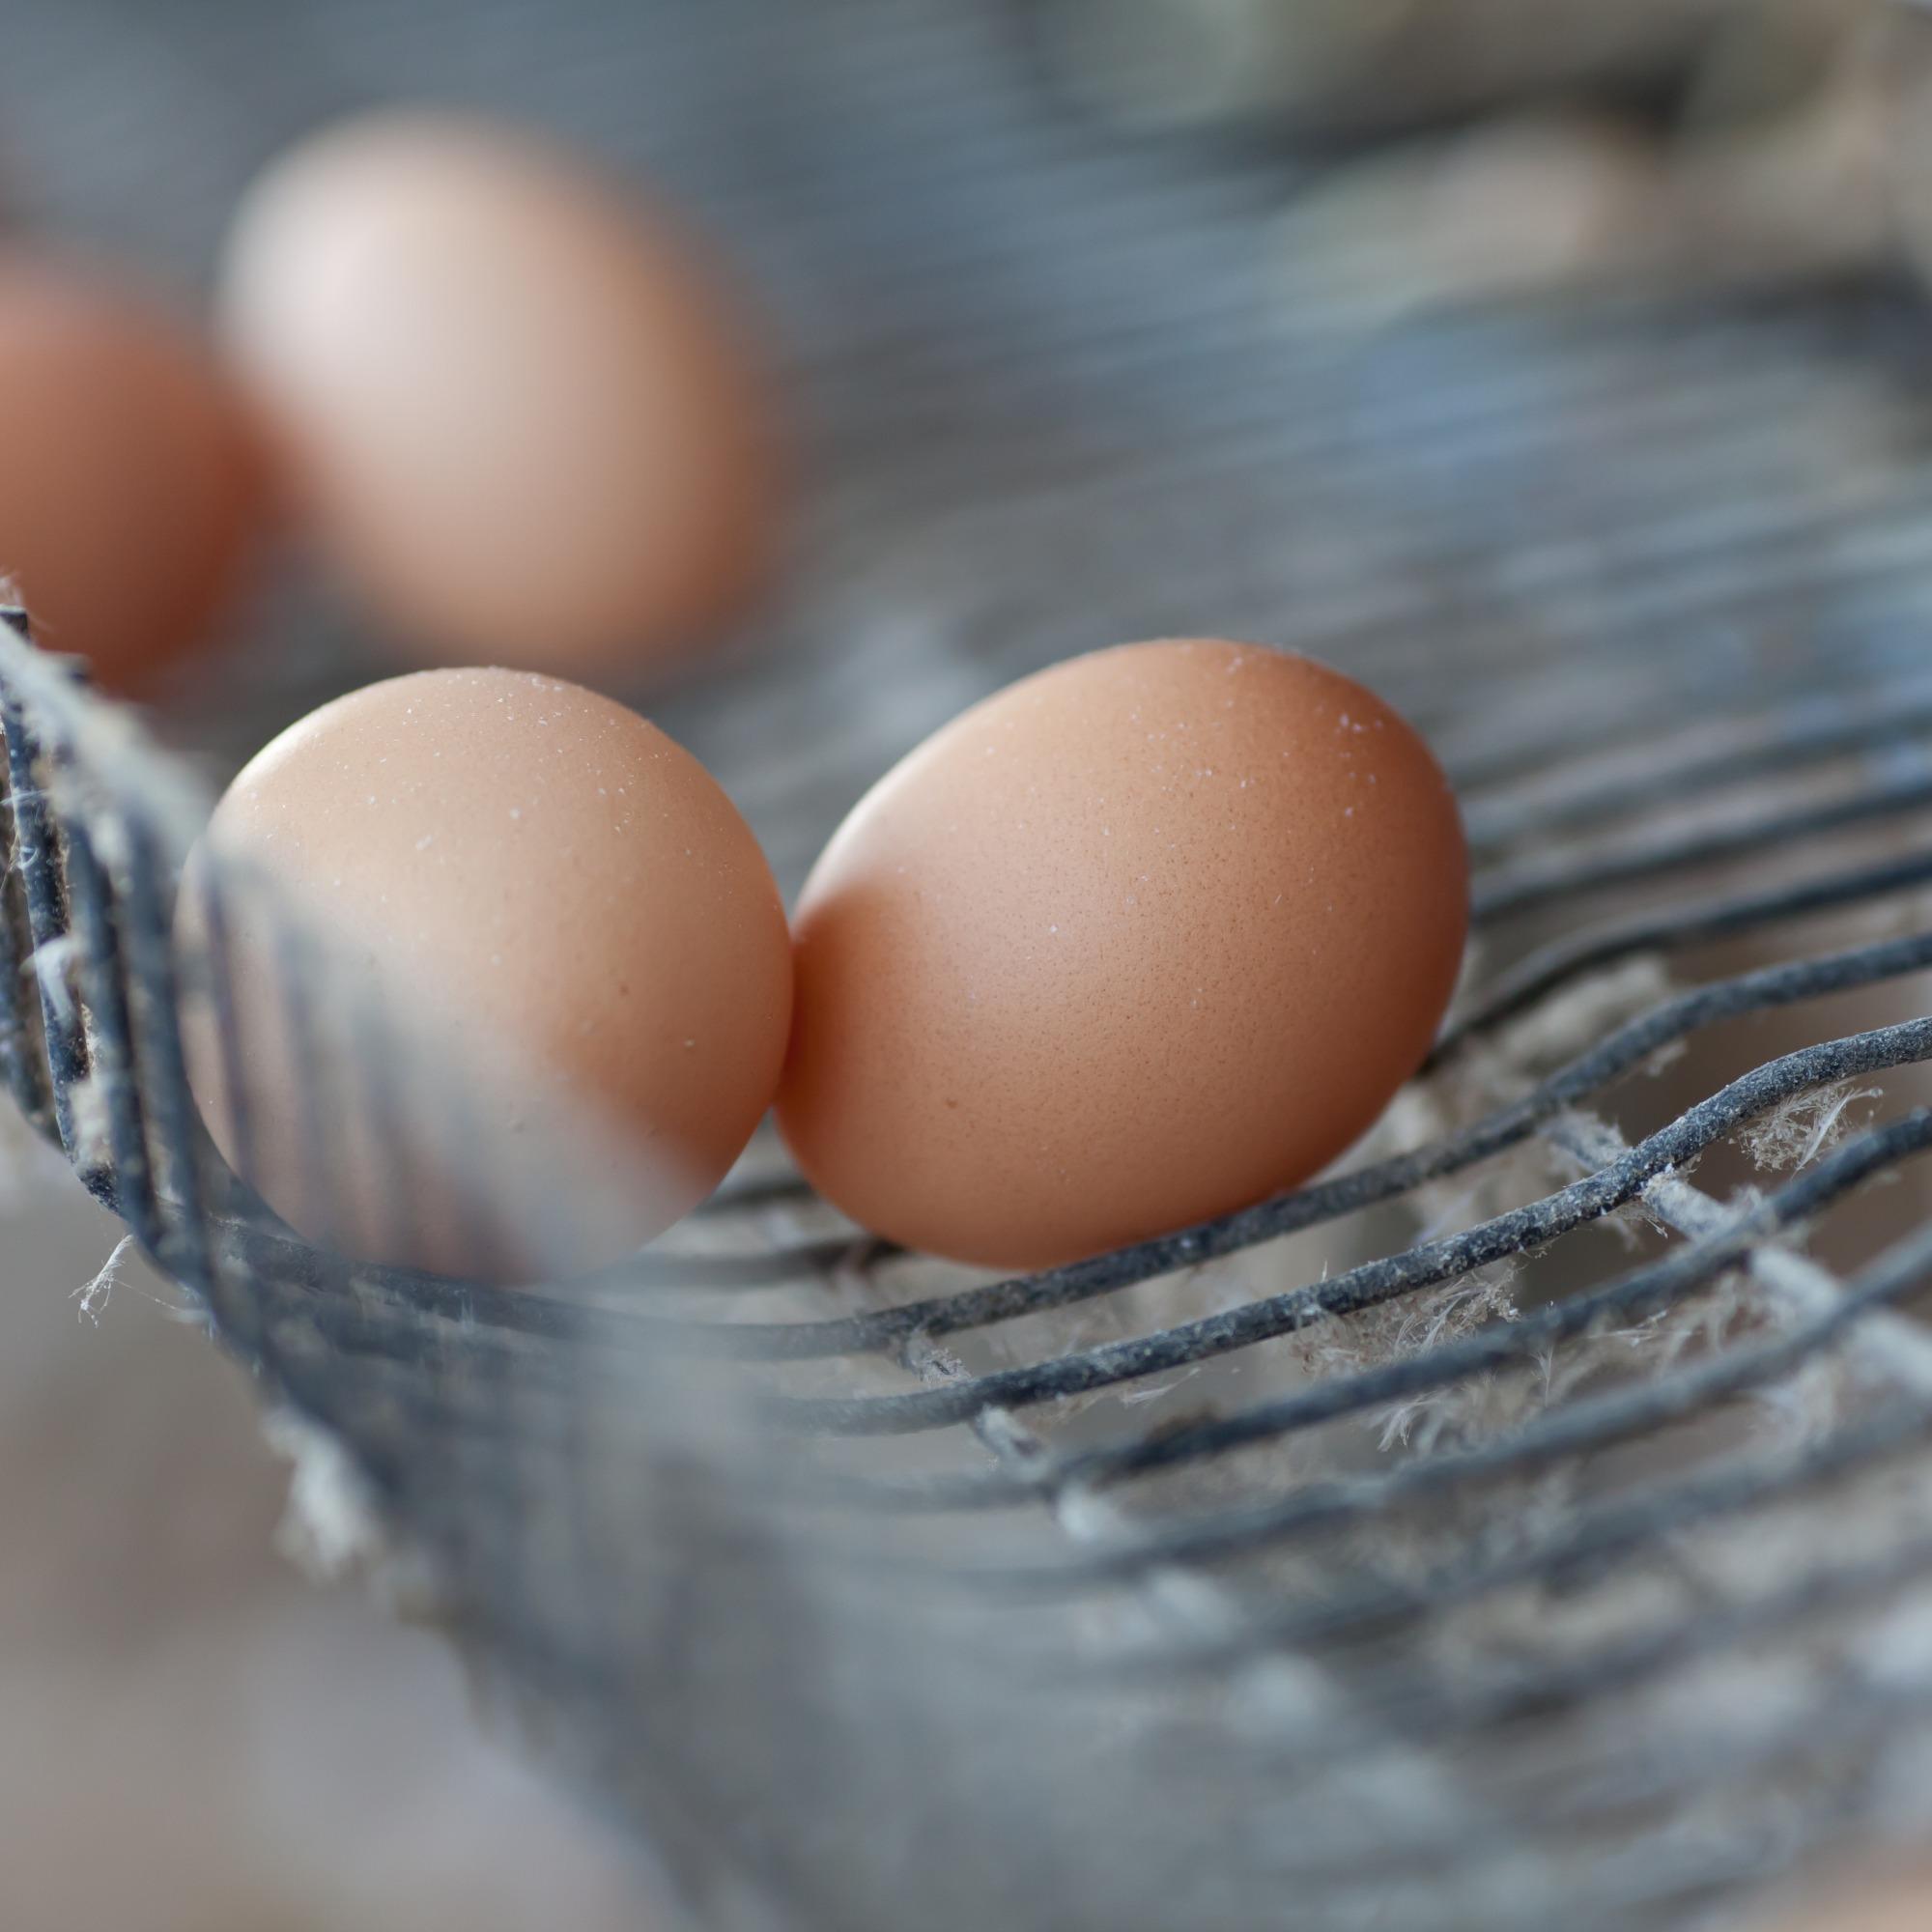 Agricultura familiar terá regras facilitadas para incentivar formalização da atividade